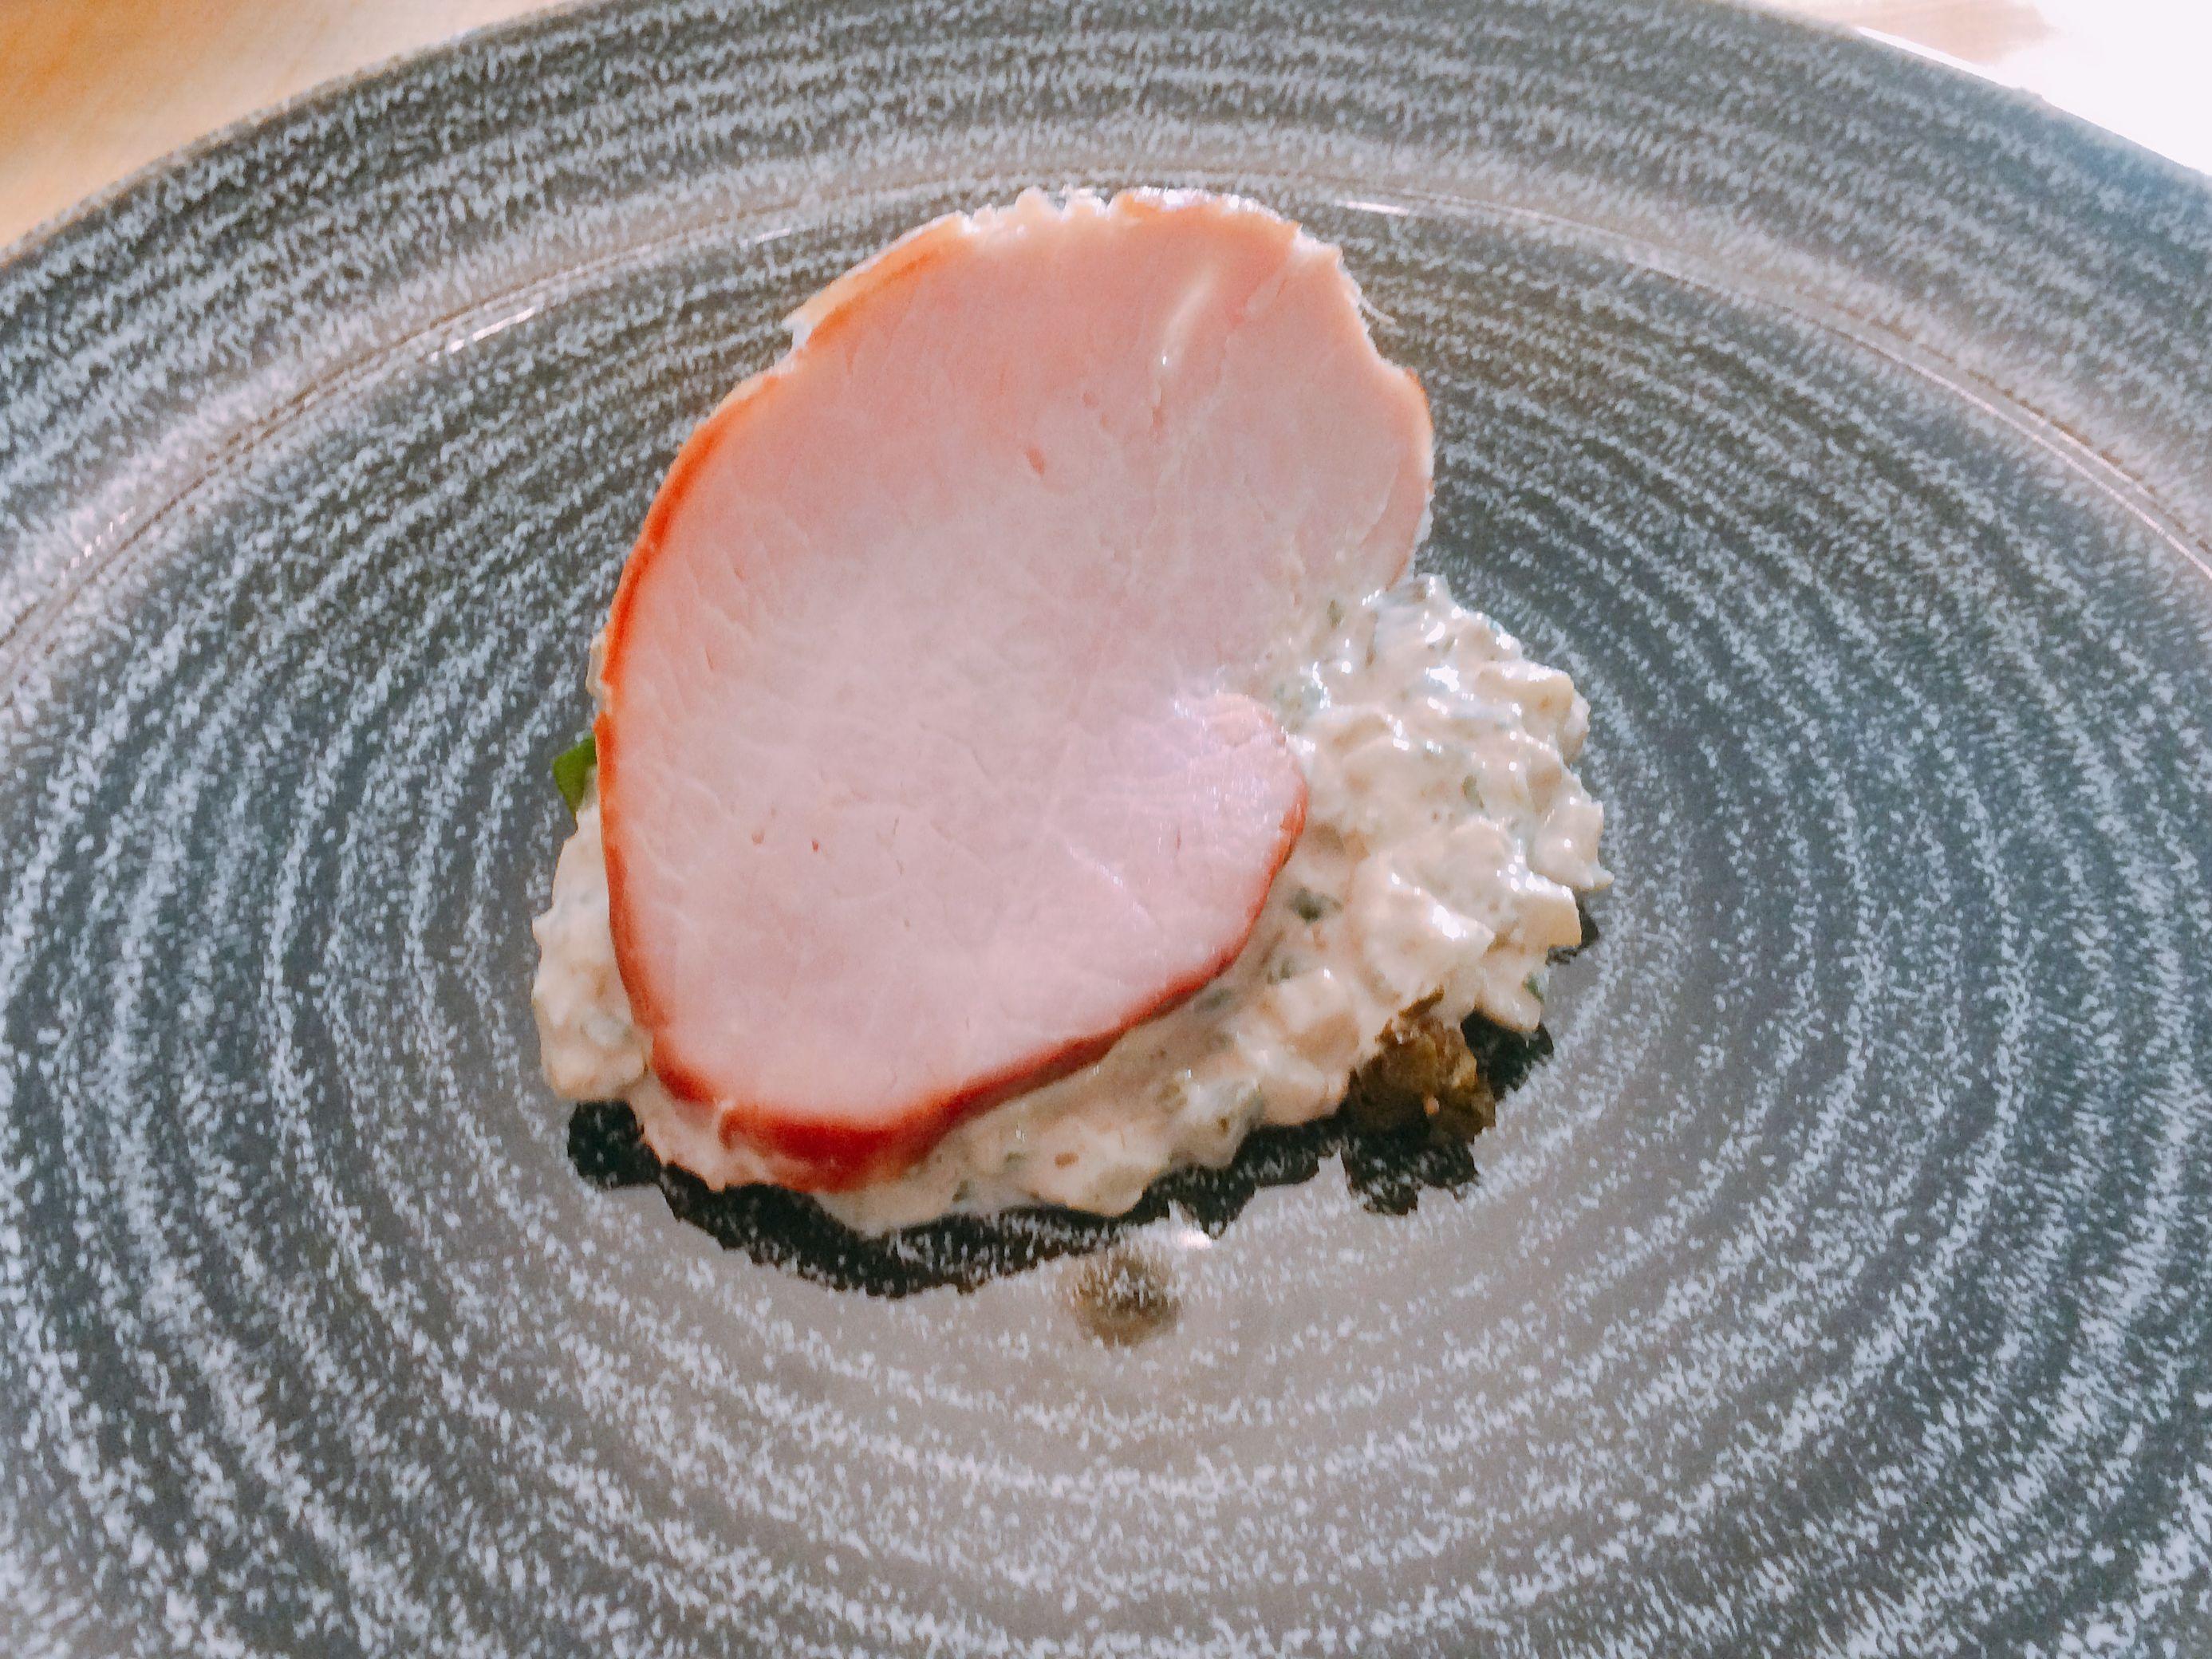 Schab nadziewany tuńczykiem, czyli polska wersja vitello tonnato